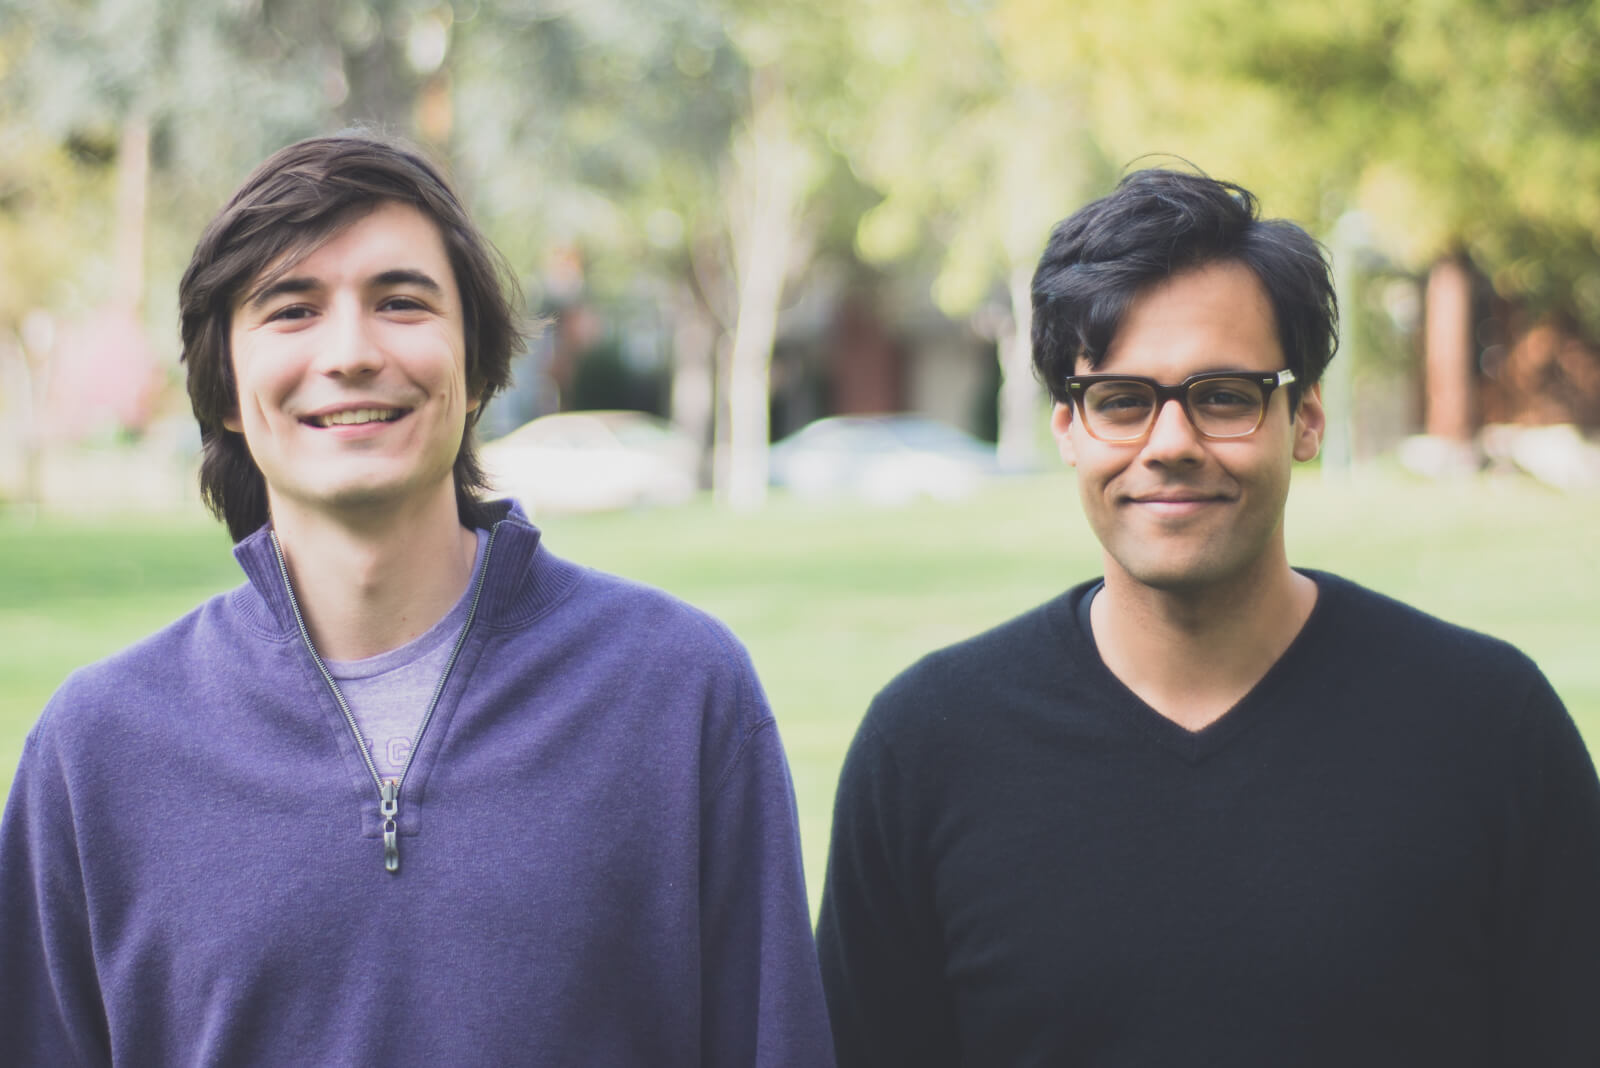 The FinTech app developers behind Robinhood